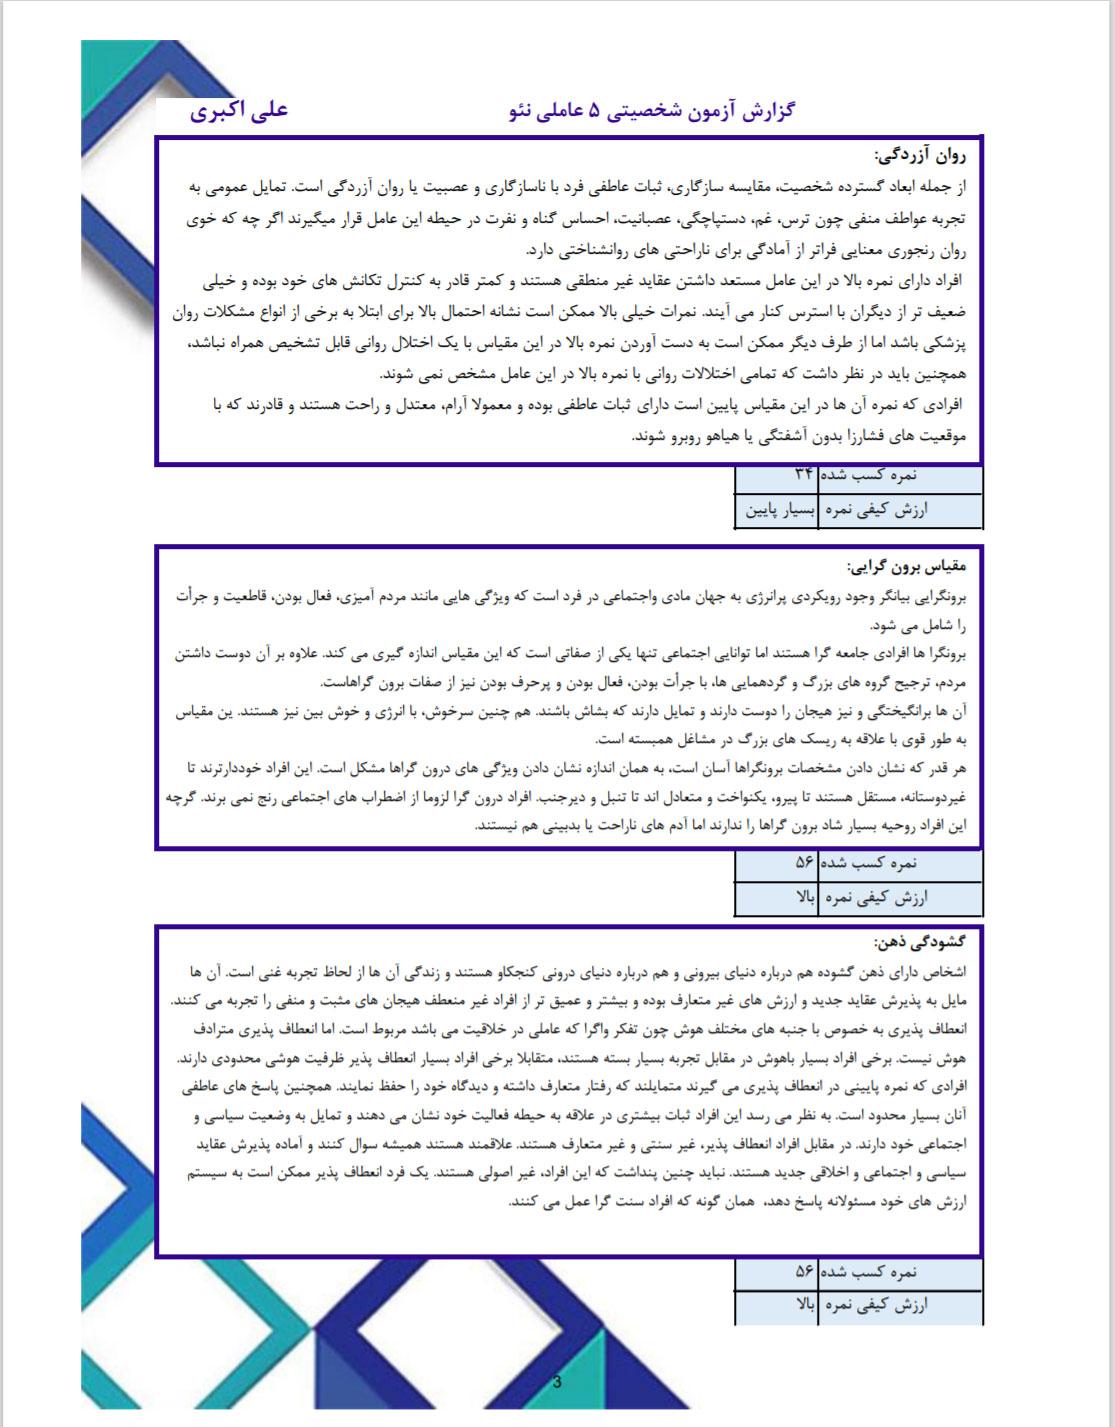 مشخصات آزمون و بخشهای گزارش